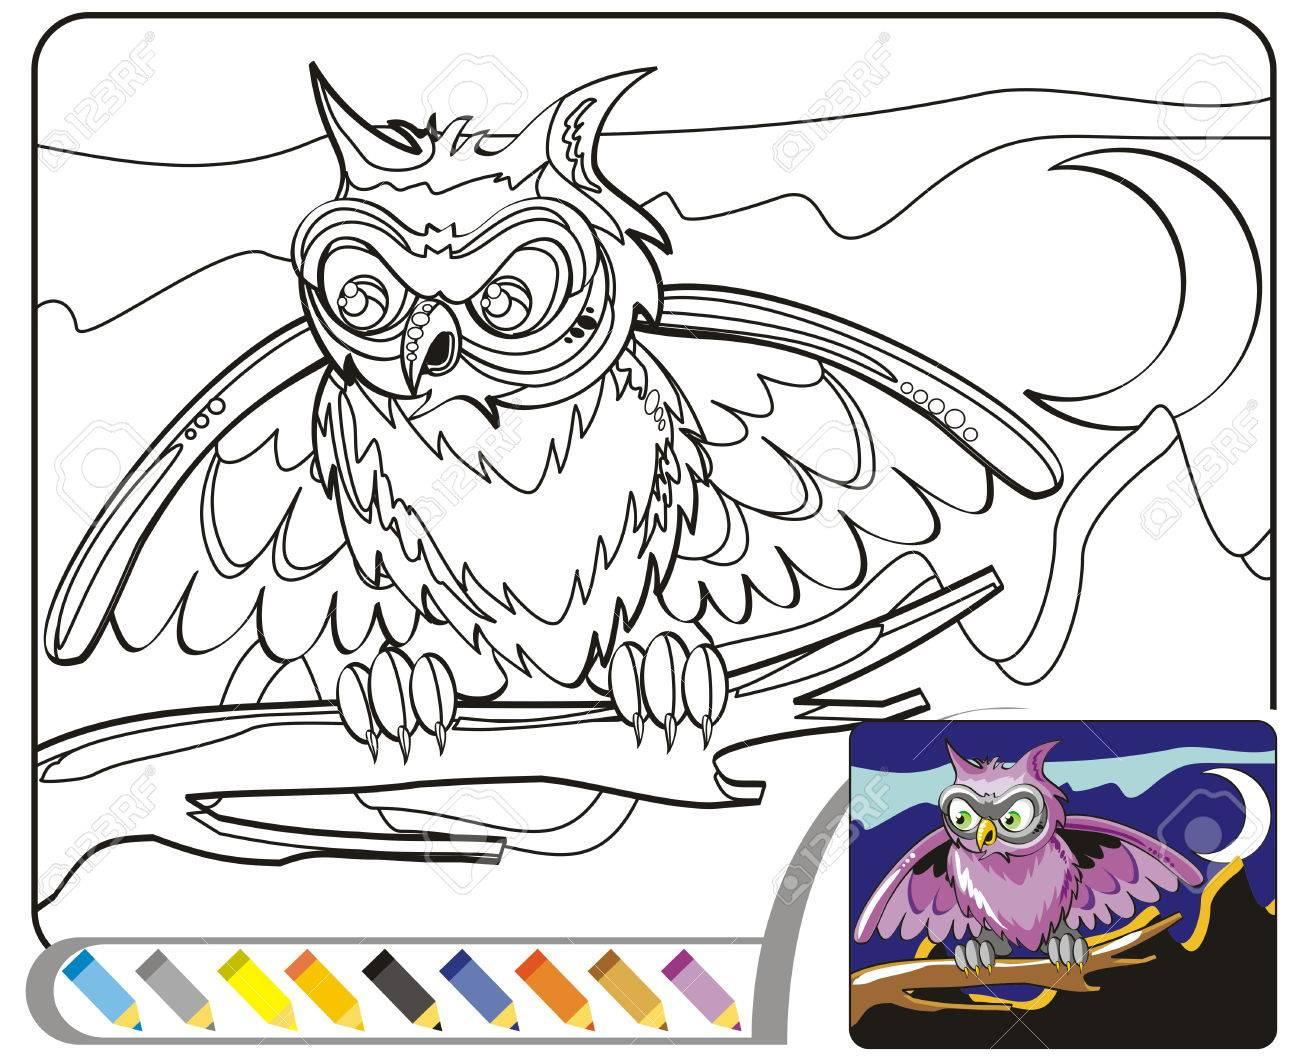 Colorear Los Noctámbulos Un Conjunto De Dibujos Para Colorear En Blanco Y Negro Pintar El Dibujo Blanco Siguiendo Los Detalles De La Imagen En